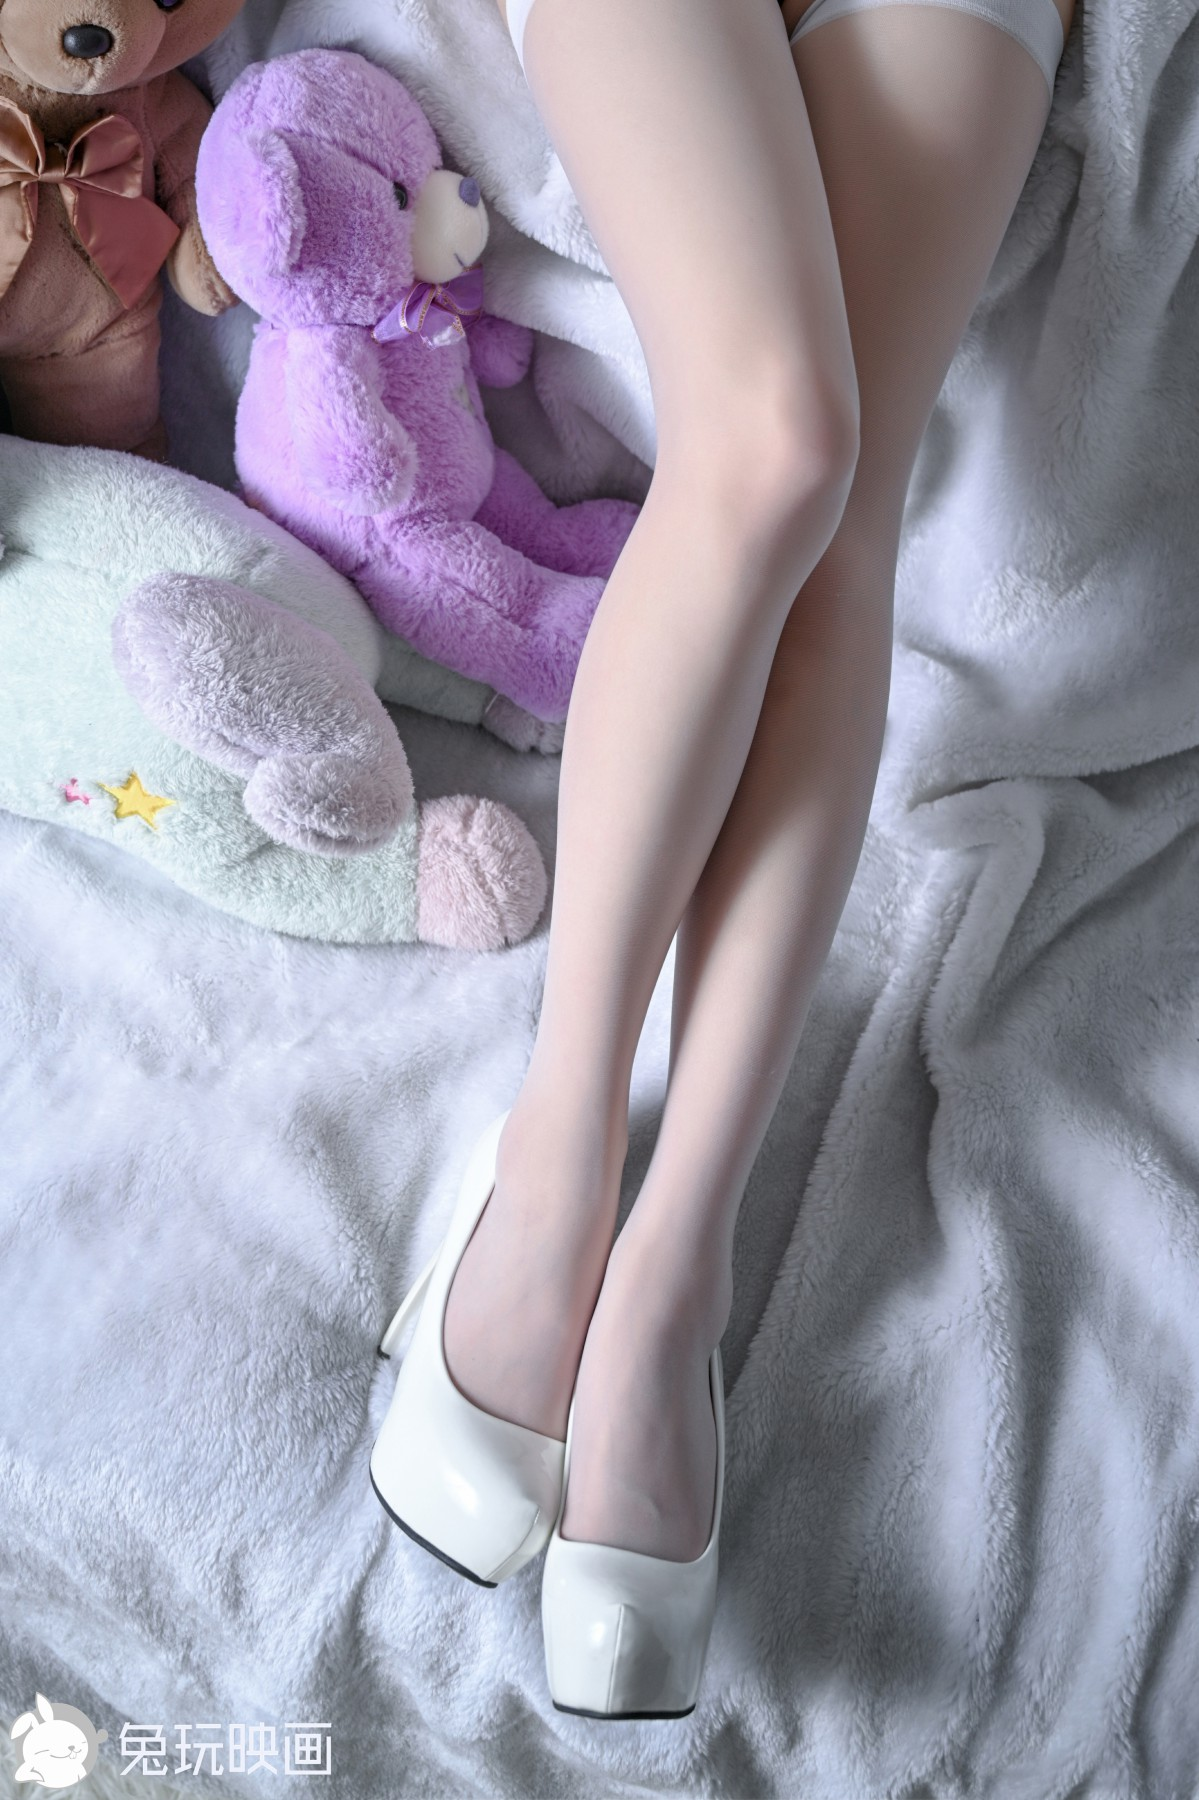 兔玩映画 白丝高跟鞋[40P] 兔玩映画 第1张